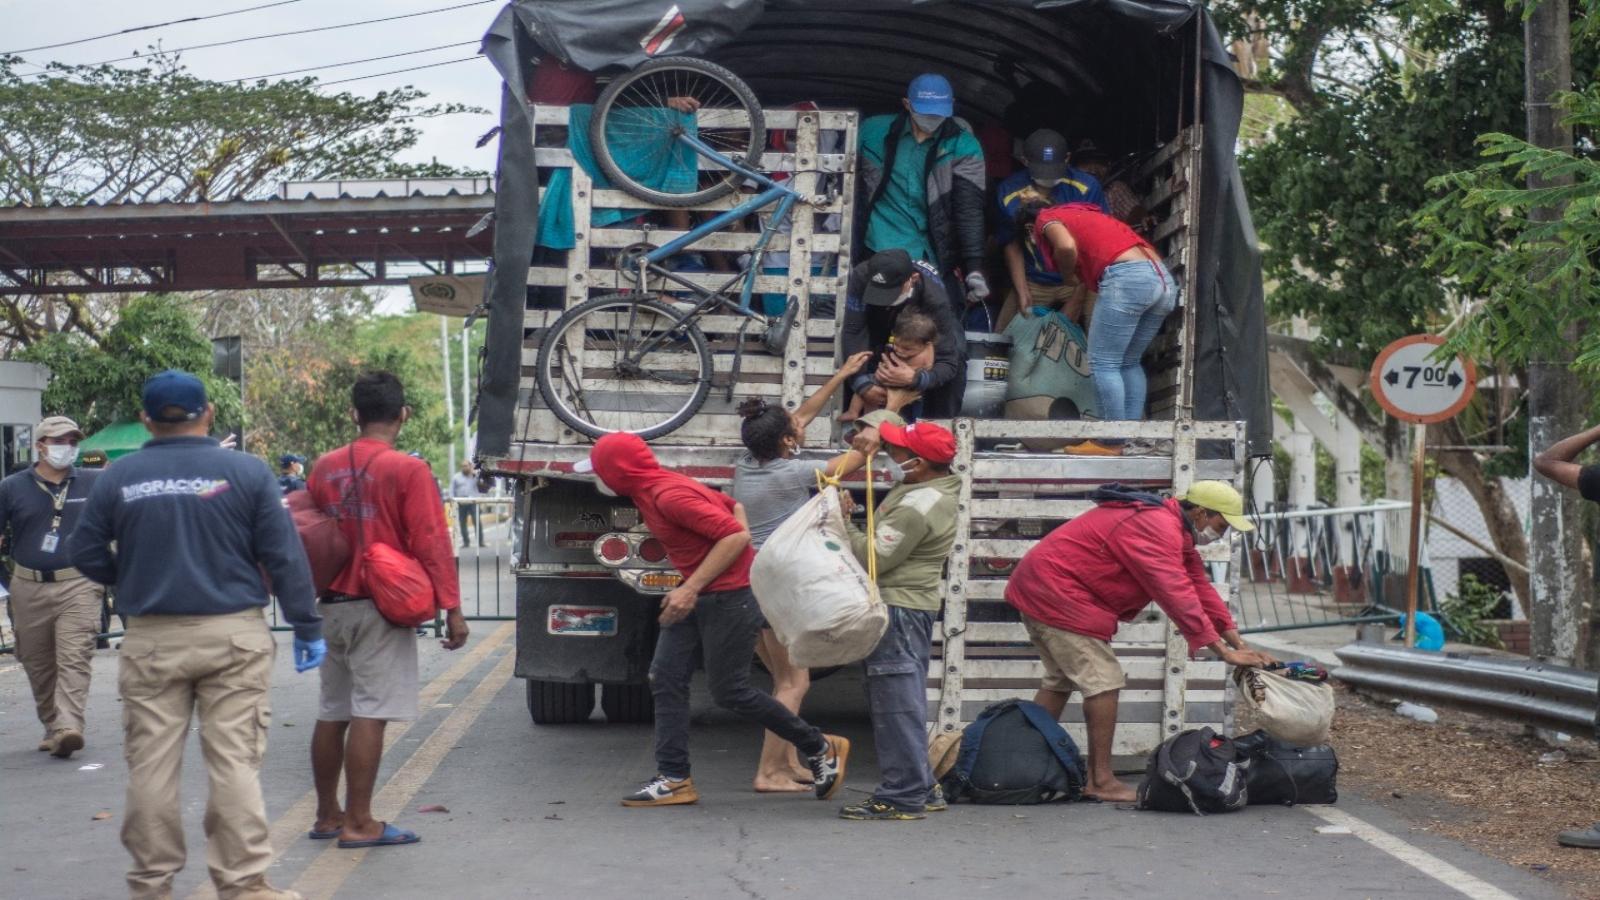 FOTOS | Más de 500 migrantes han regresado por la frontera de Arauca